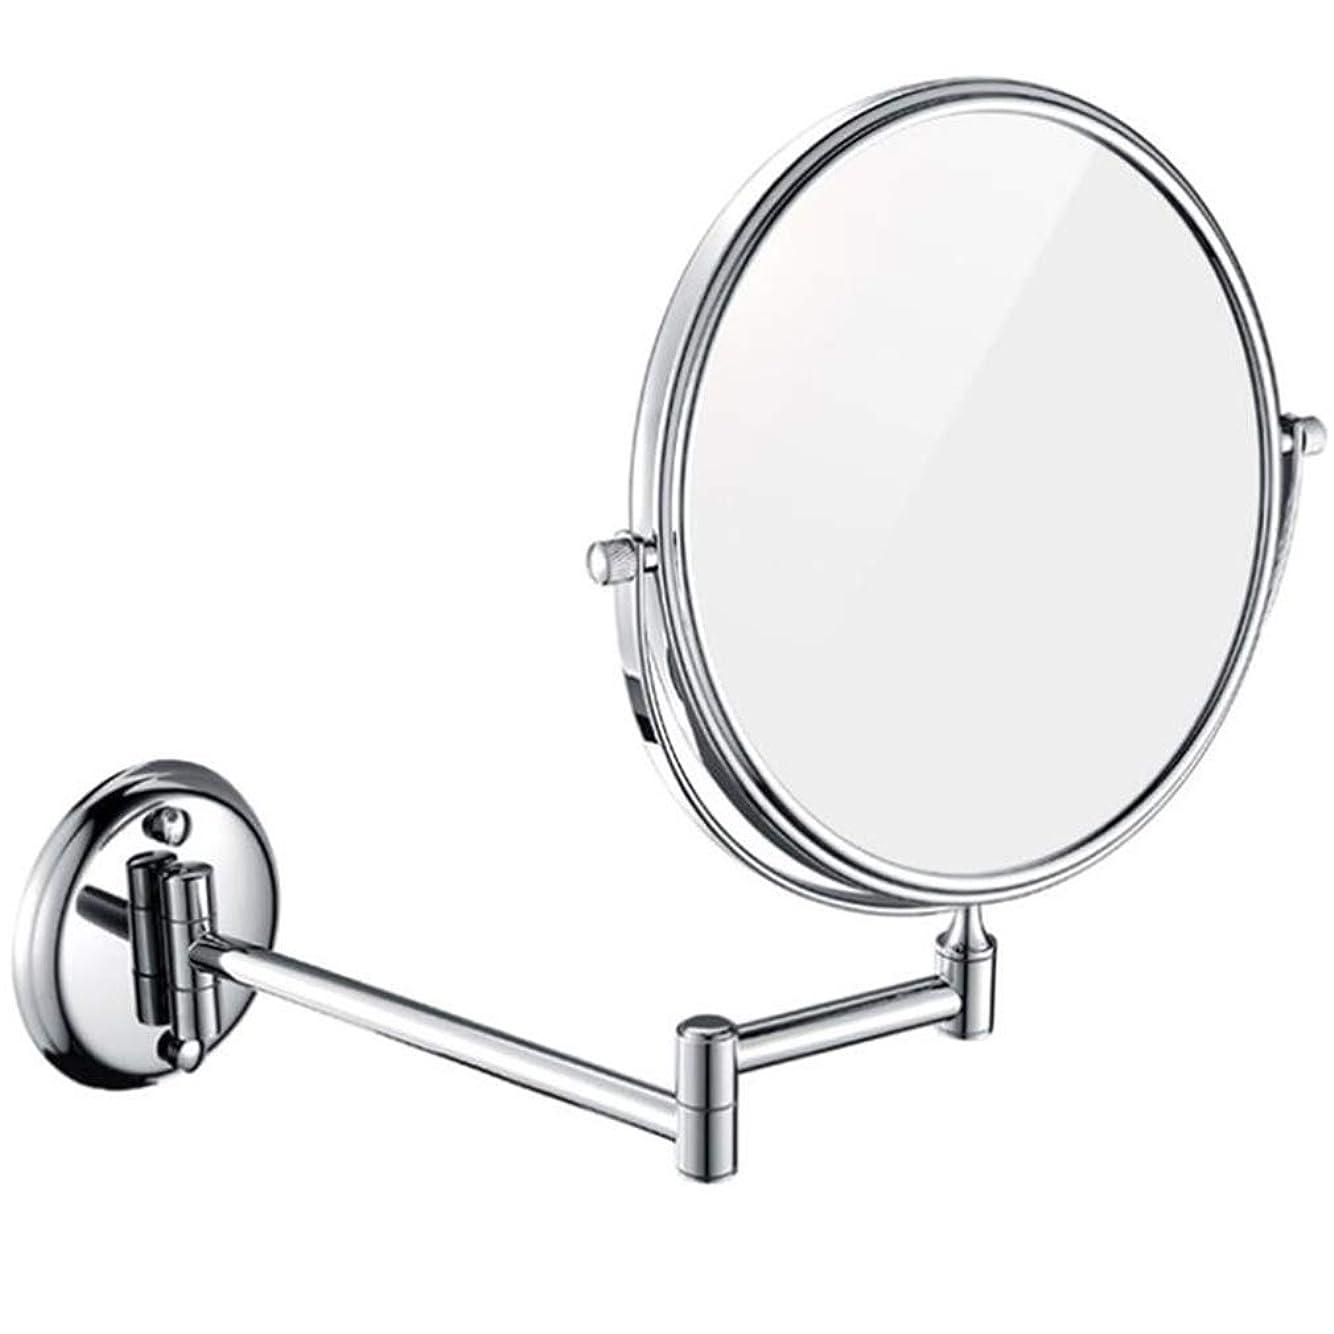 科学的アラスカコカインHUYYA 化粧鏡、両面 壁掛け式 化粧ミラー 3倍拡大 けメイクミラー 360 °回転 伸縮可能折りバスルームの鏡,Silver_6inch